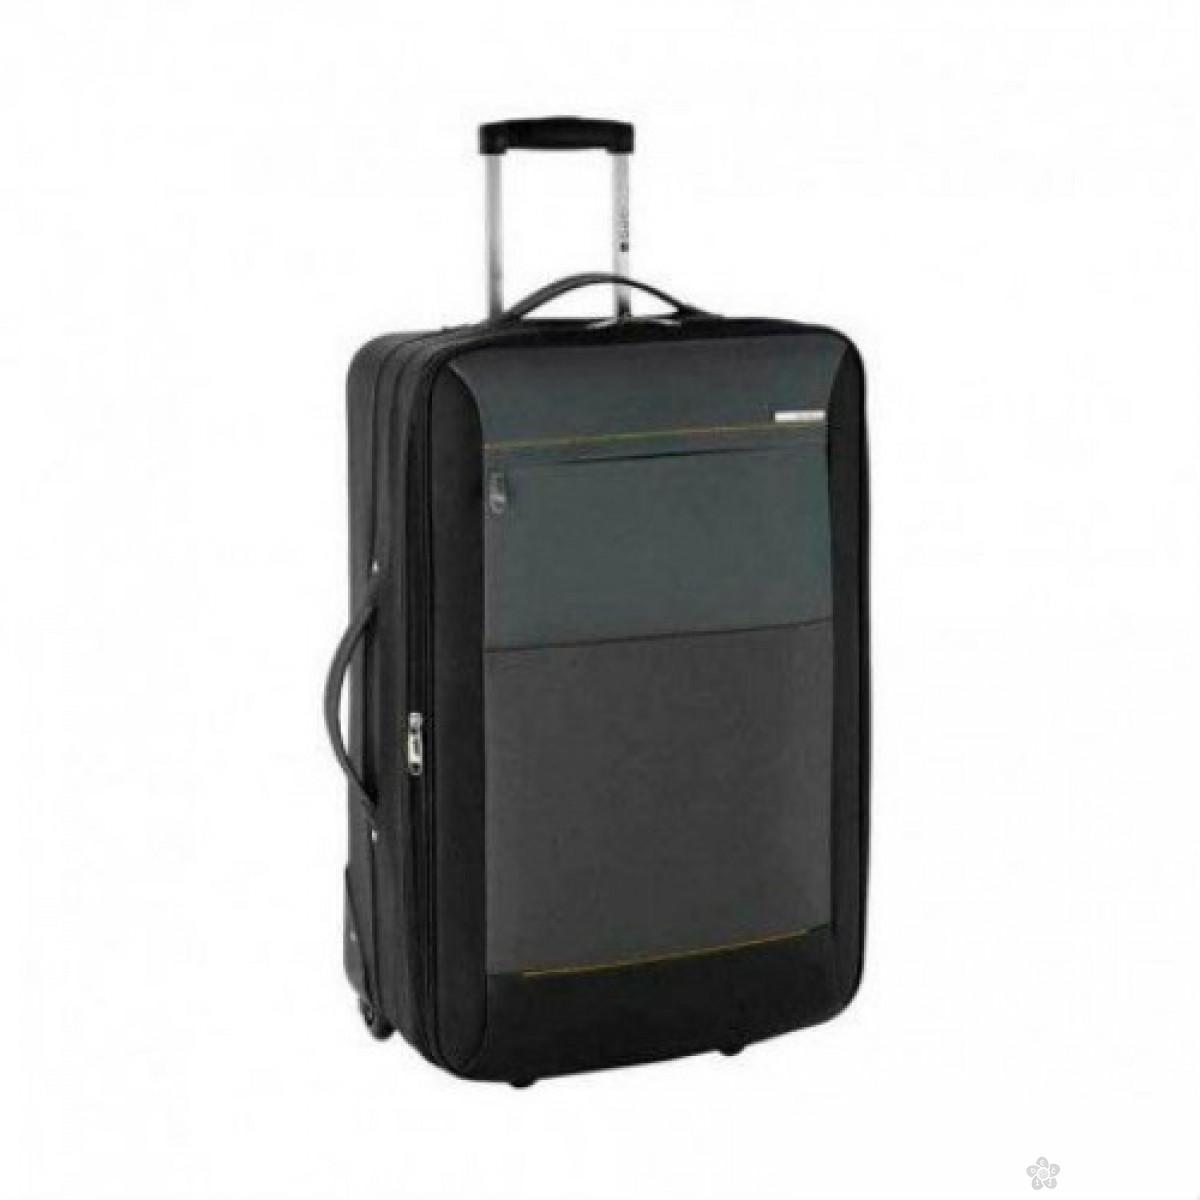 Kofer srednji Reims, siva , 16KG111046C